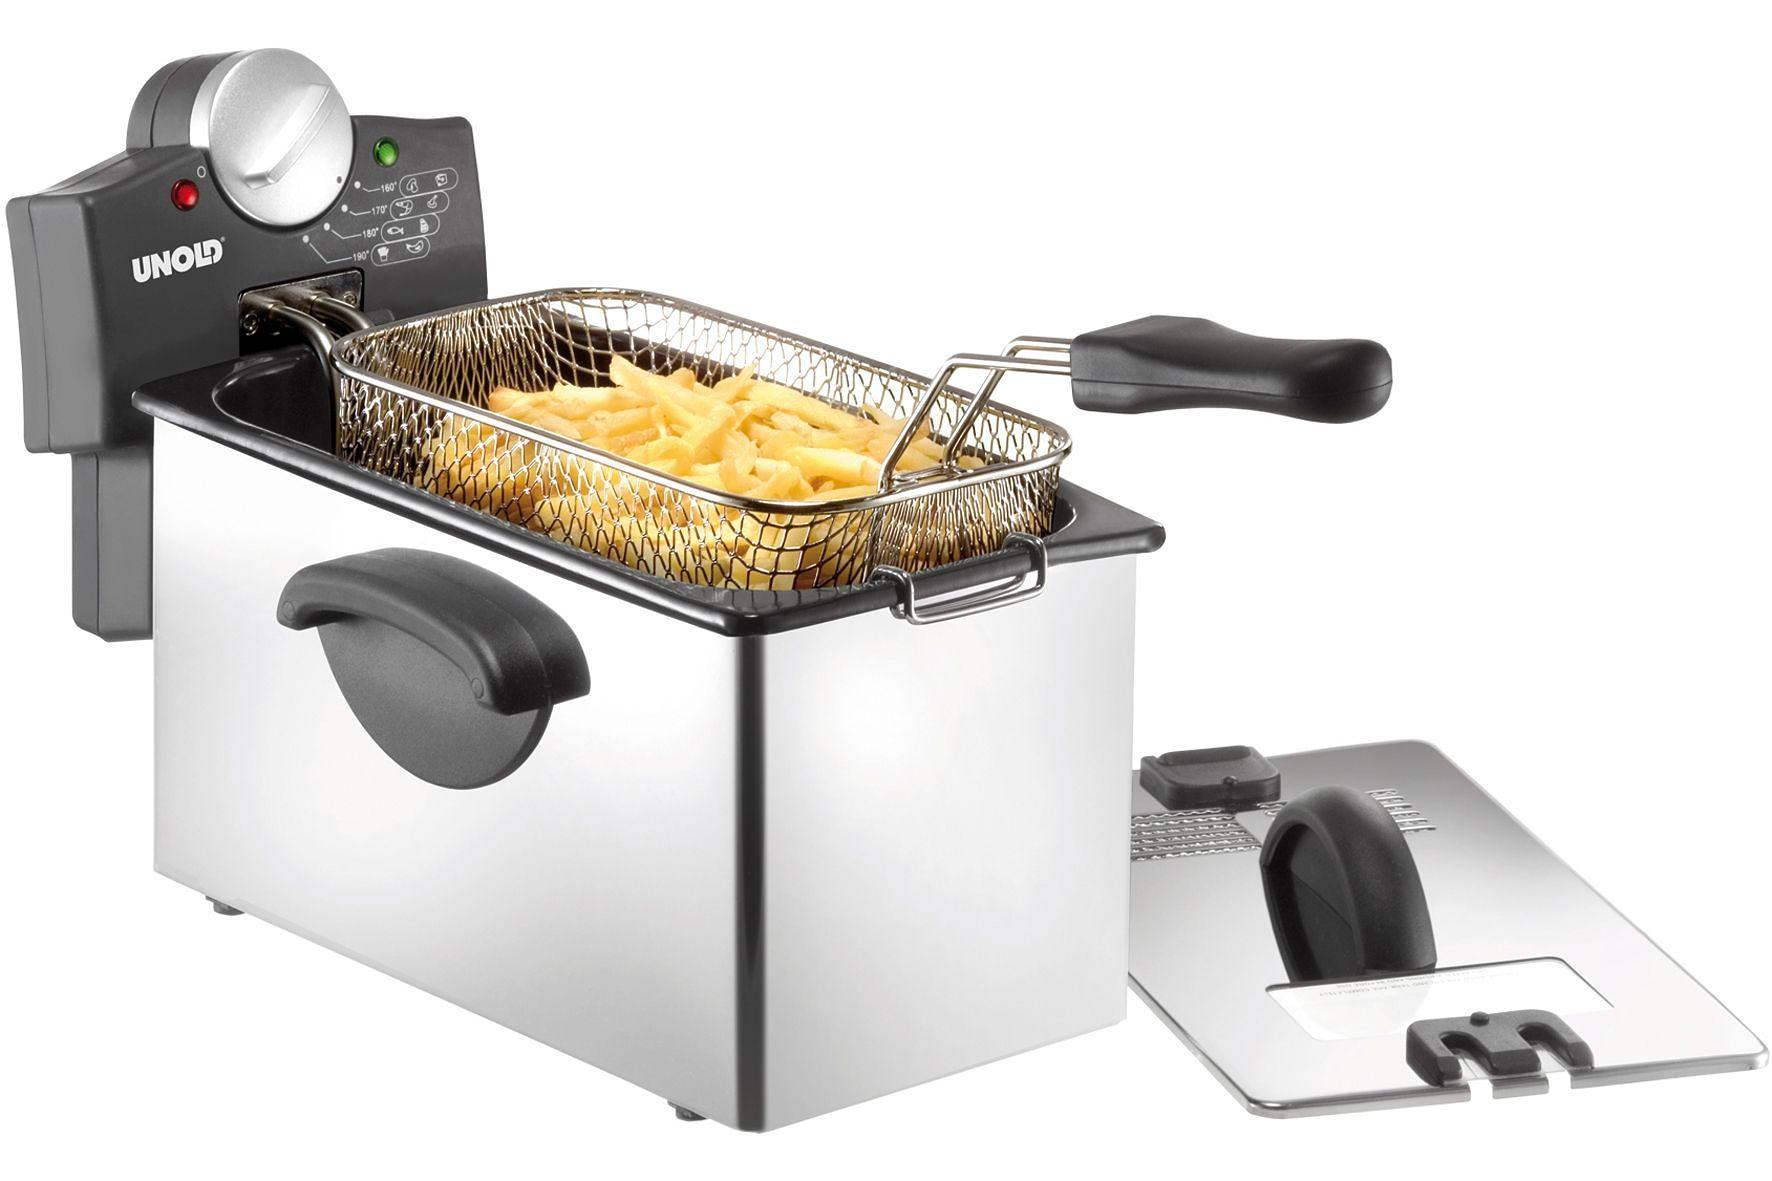 UNOLD® Kaltzonen-Fritteuse 58746, 3 Liter, 2200 Watt